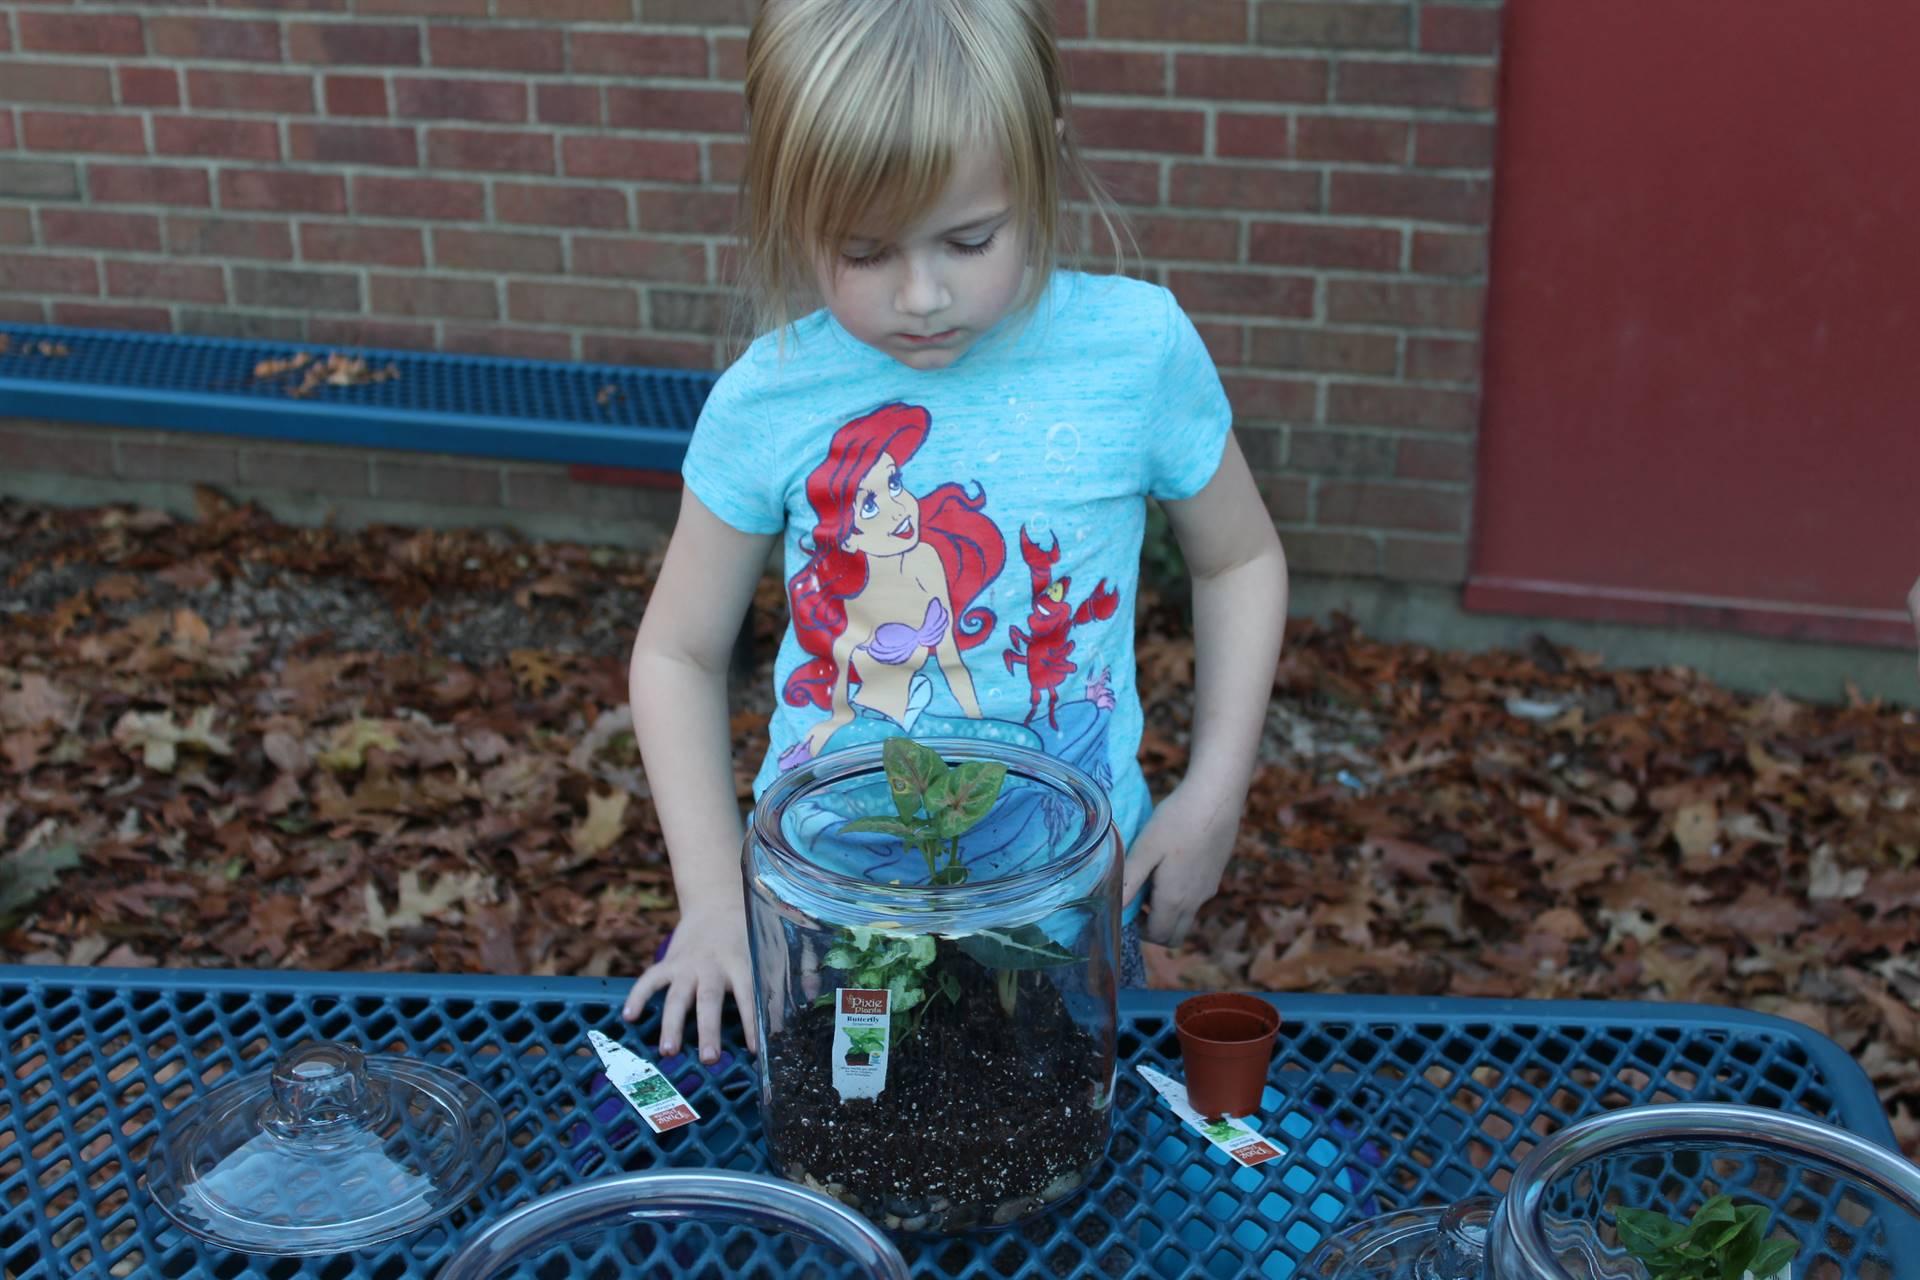 Making the terrariums